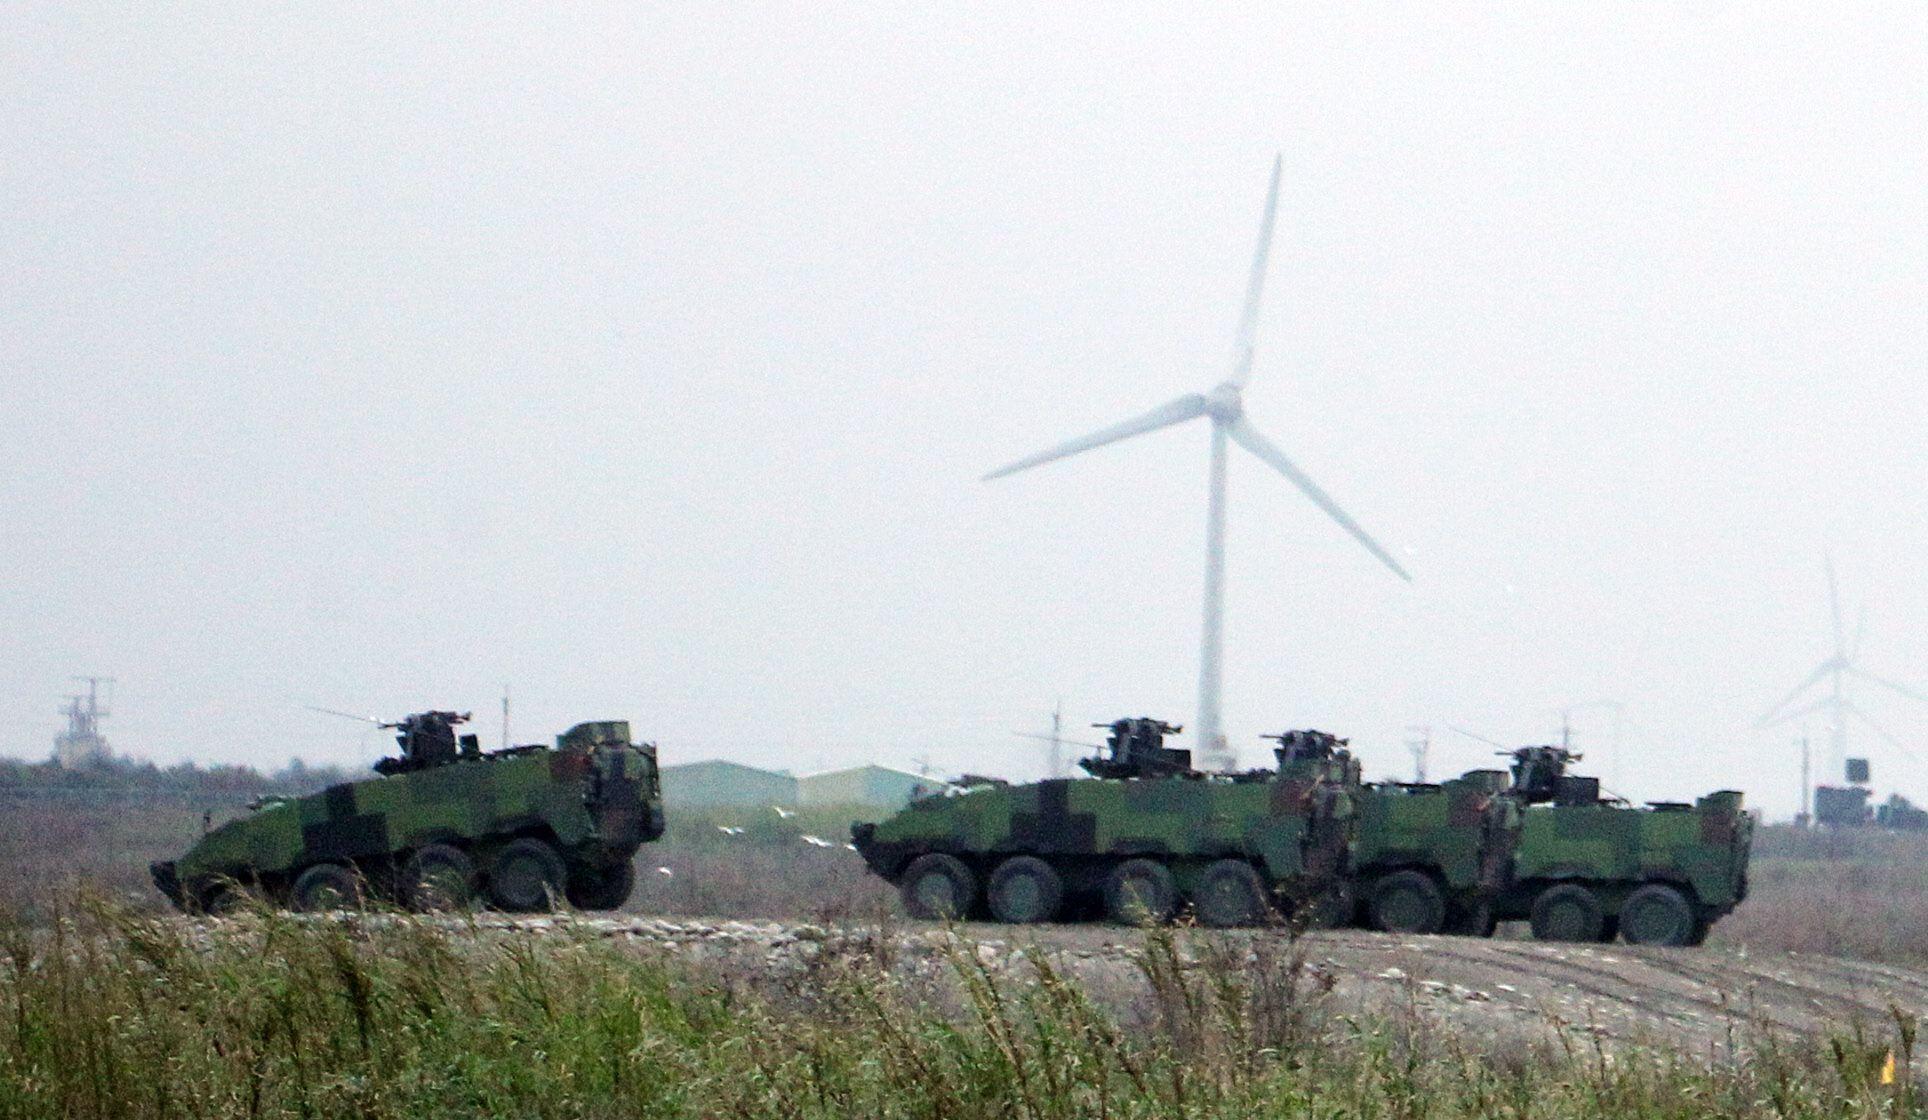 雲豹甲車準備實施火砲射擊。(記者邱榮吉/台中拍攝)